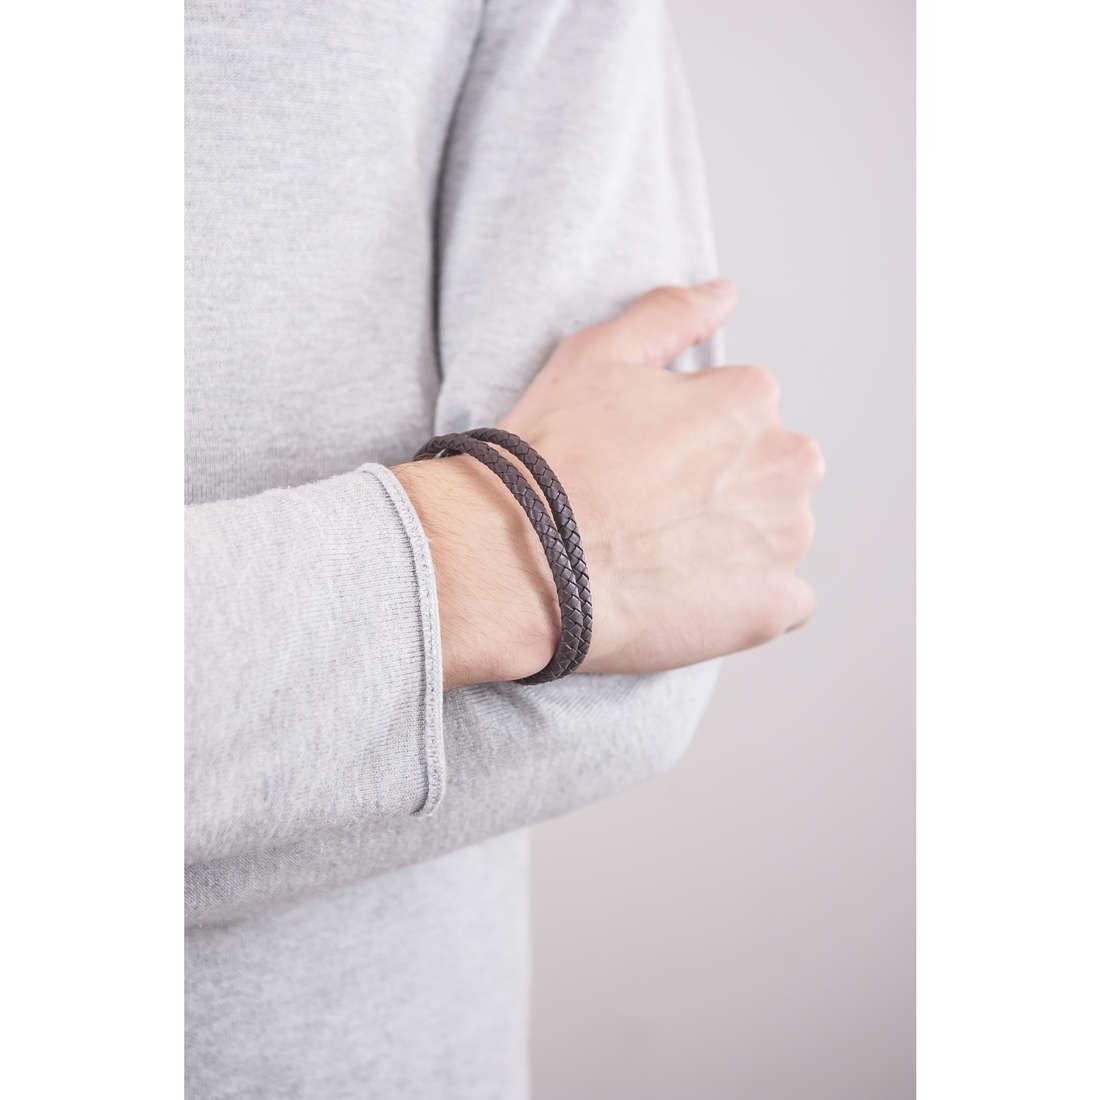 Emporio Armani bracciali Signature uomo EGS2177221 indosso